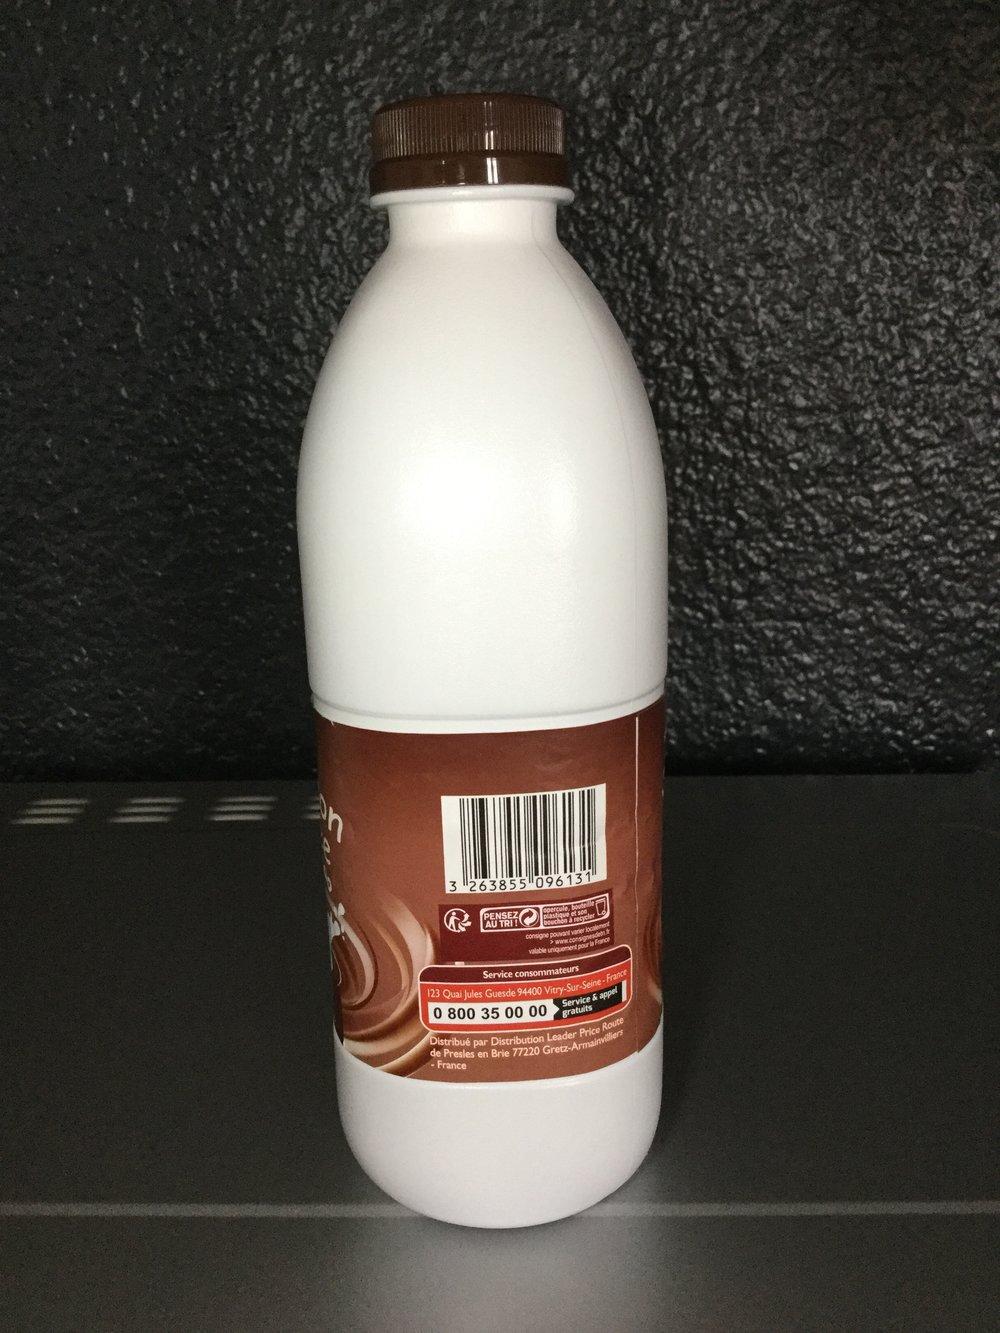 Leader Price Boisson Lactée Au Cacao Side 2